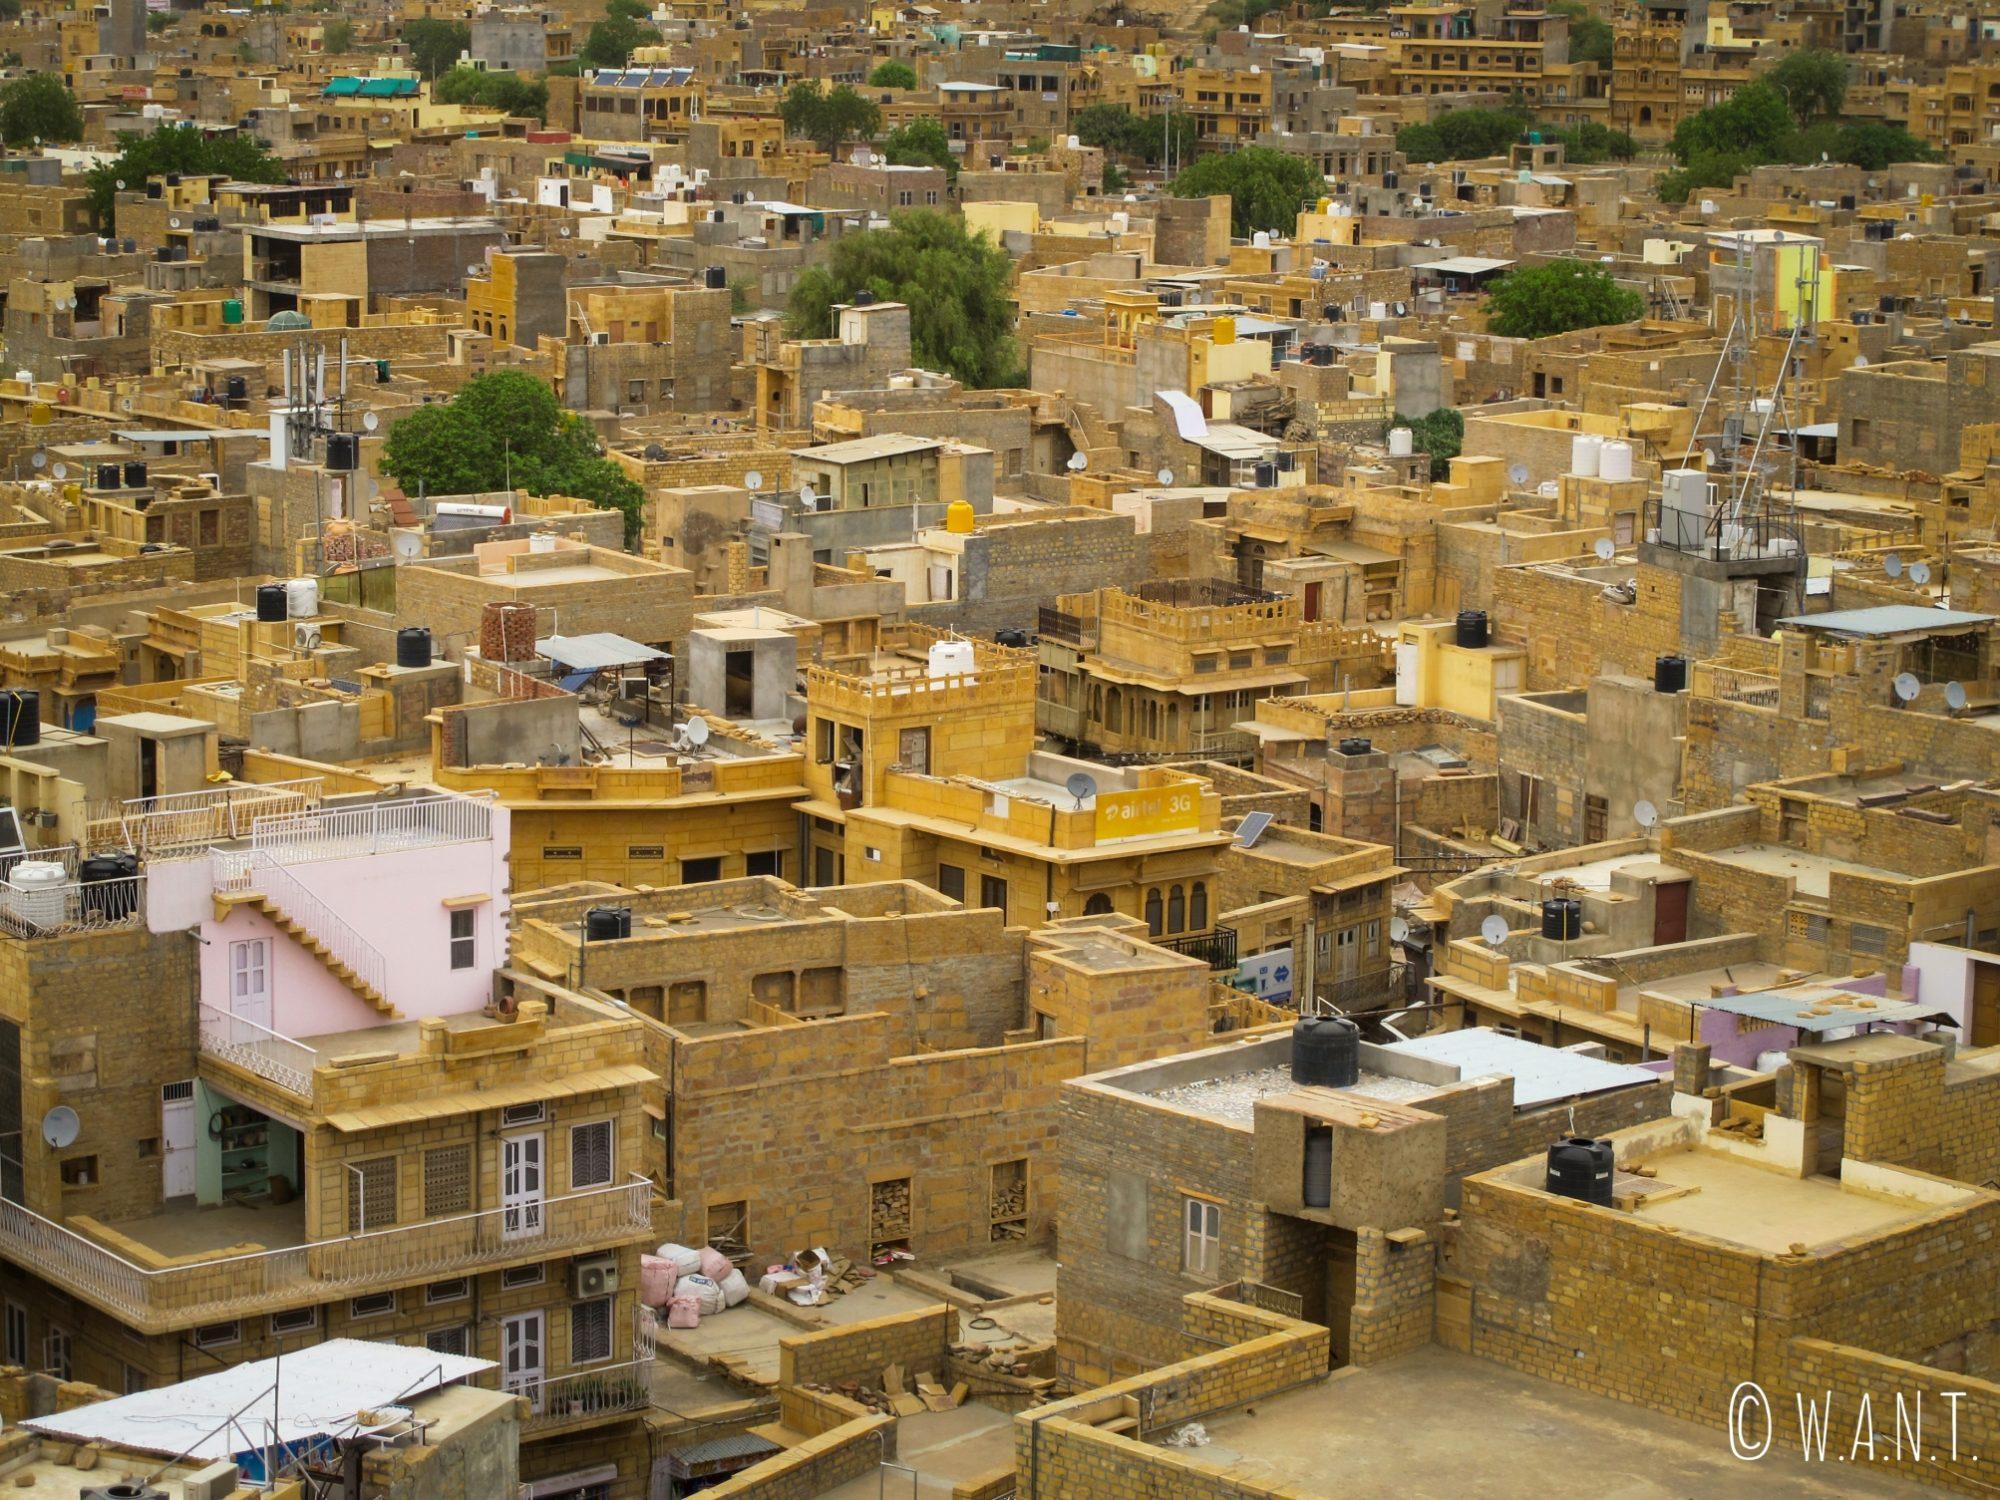 Vue sur la ville en contrebas du fort de Jaisalmer